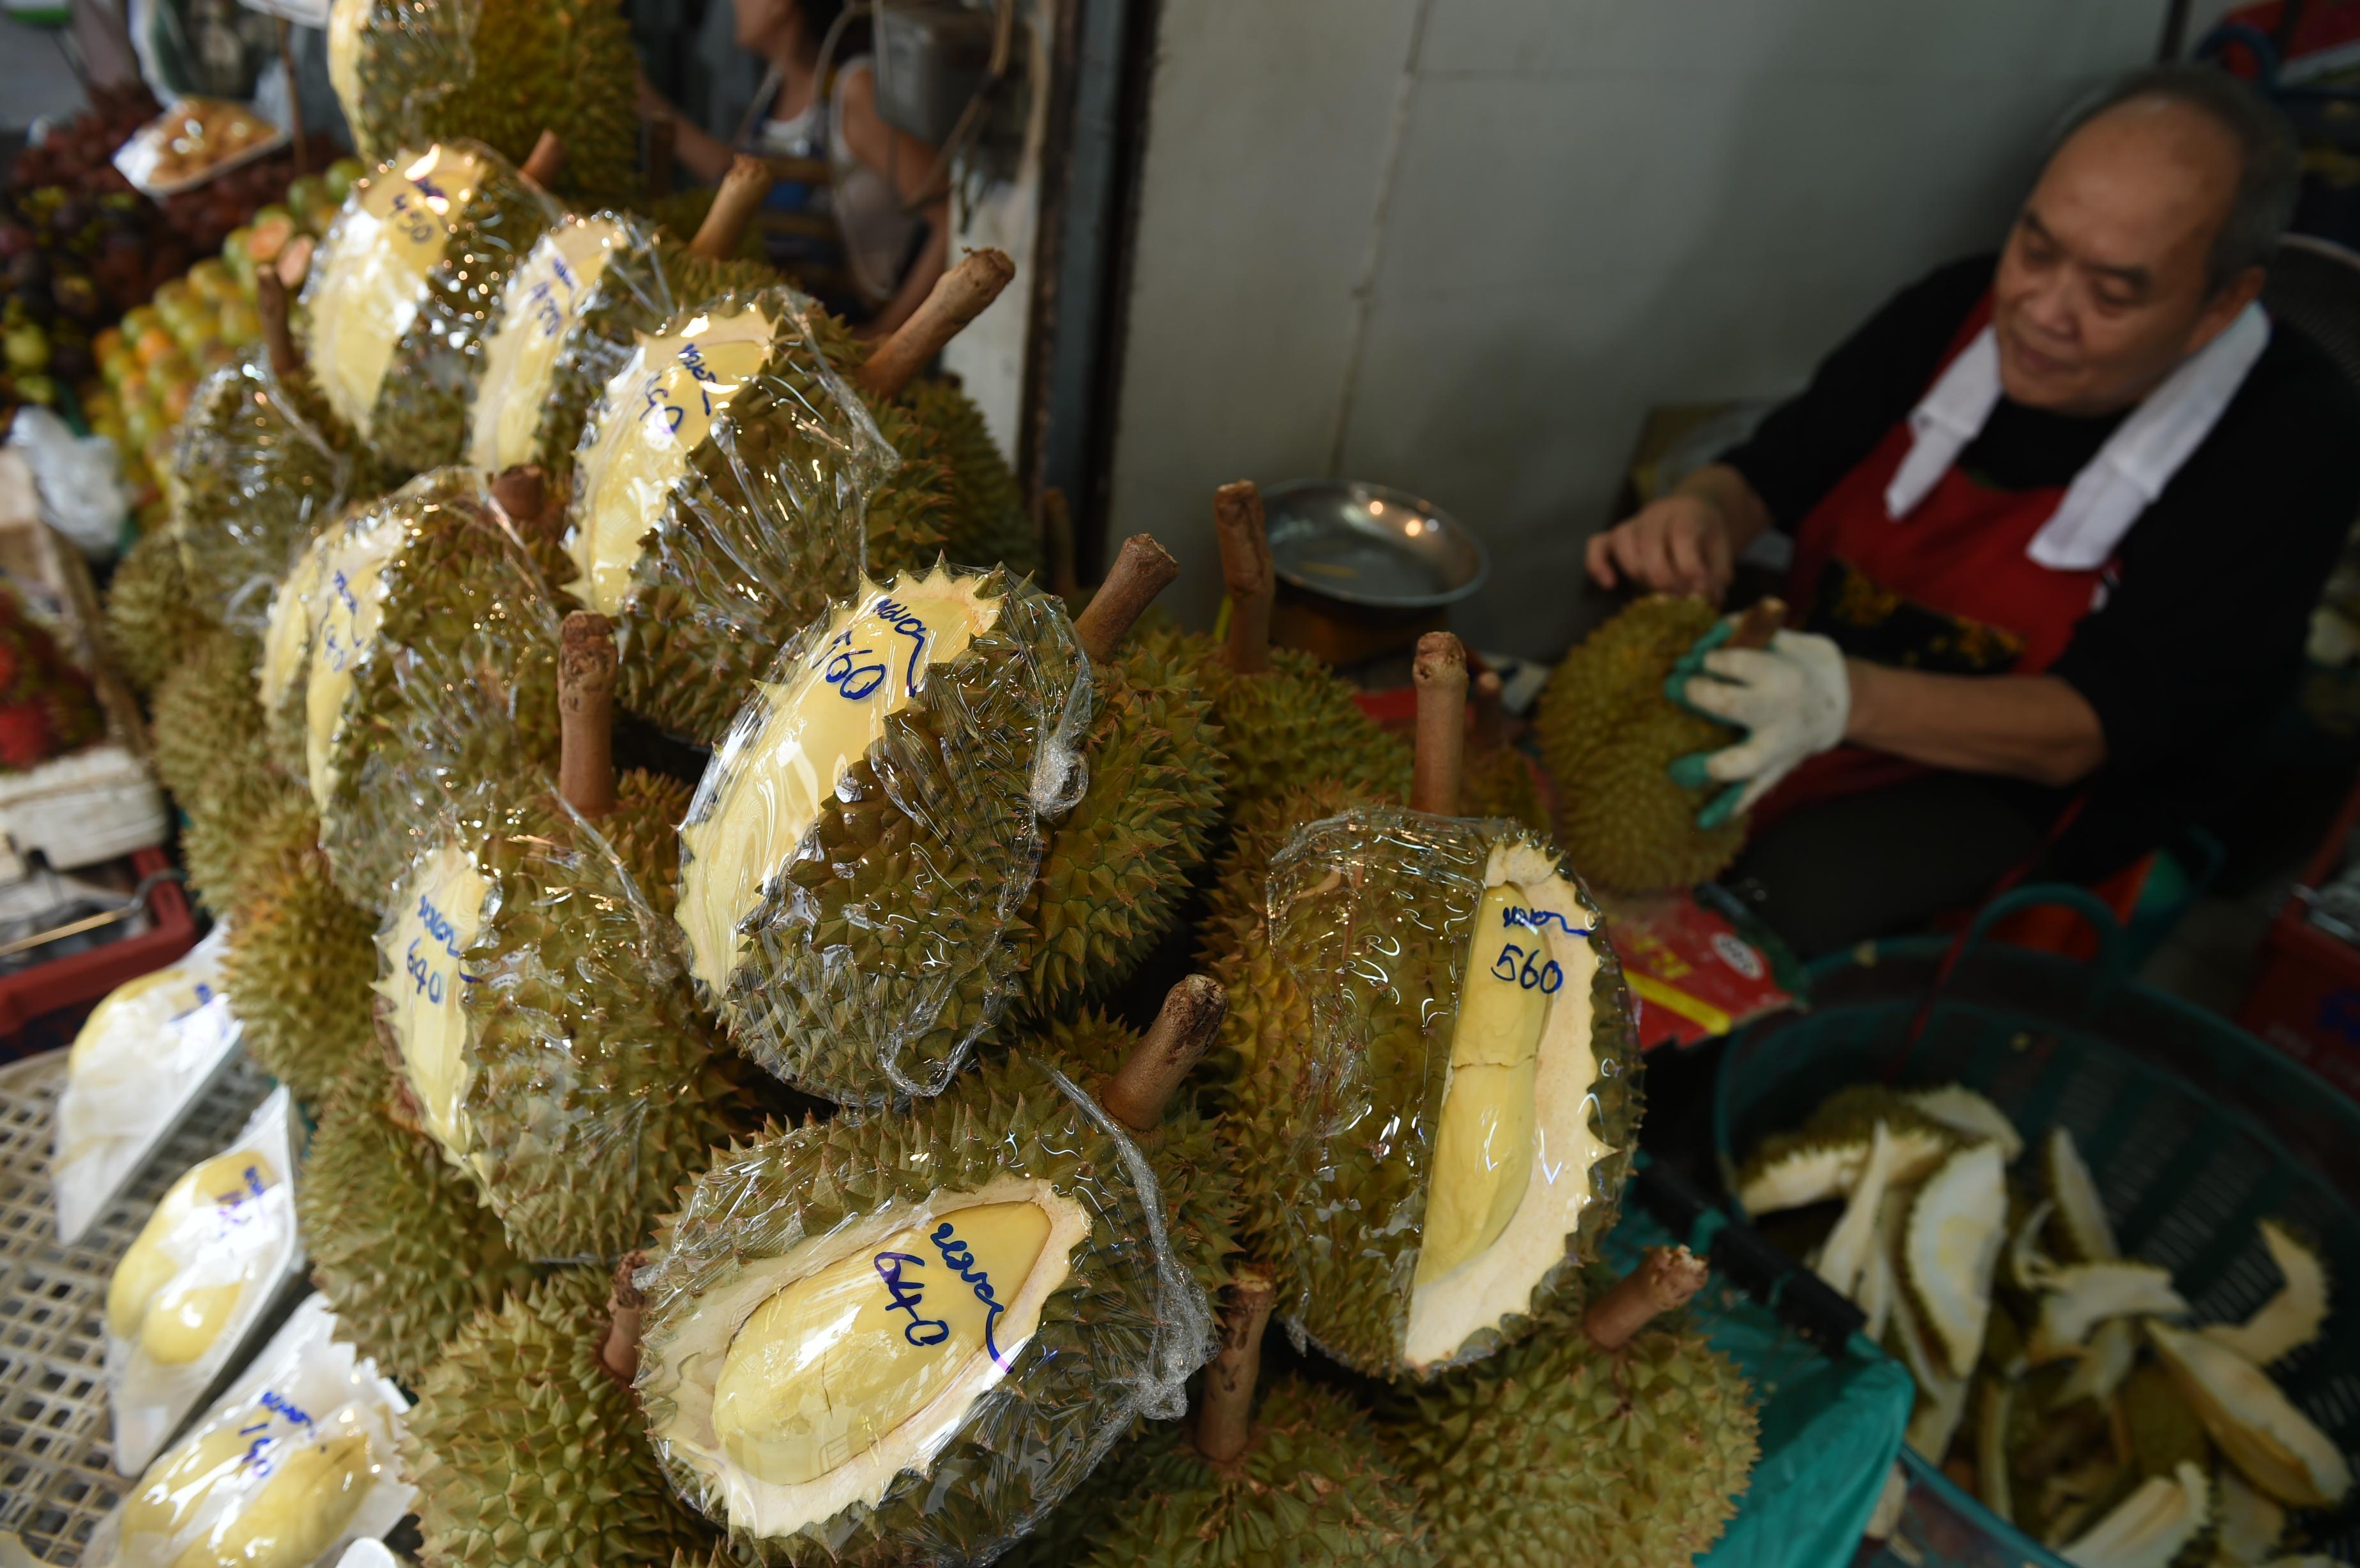 Le kellett tenni egy indonéz repülőt, mert az utasok panaszkodtak a 2 tonnás, extrém büdös duriánszállítmányra